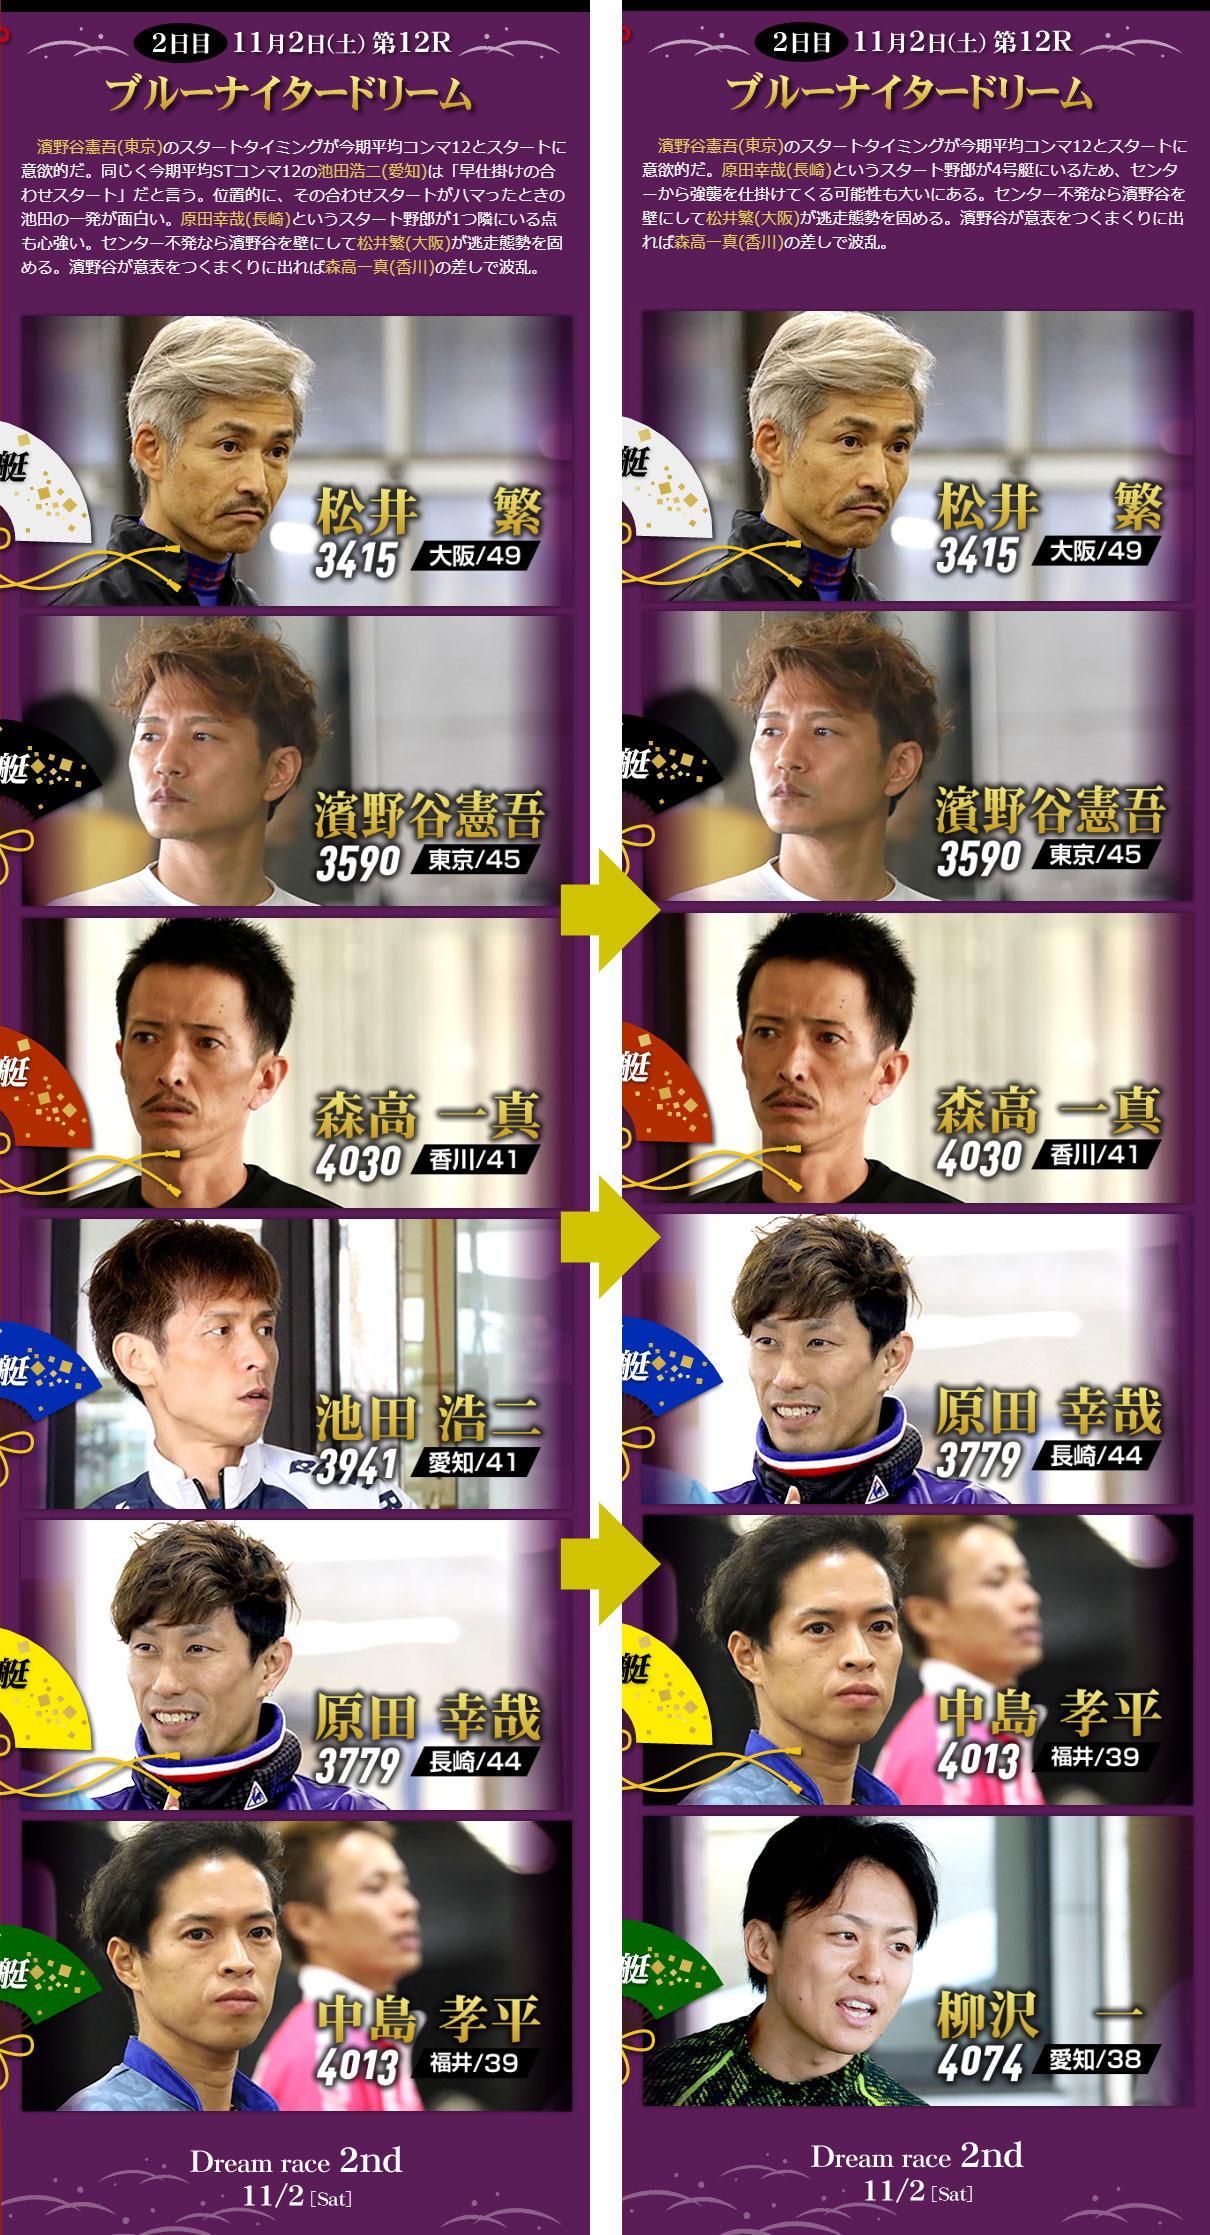 競艇G1京極賞(丸亀競艇場) ドリーム戦から池田浩二選手の名が消え、柳沢一選手が繰り上がり ボートレース